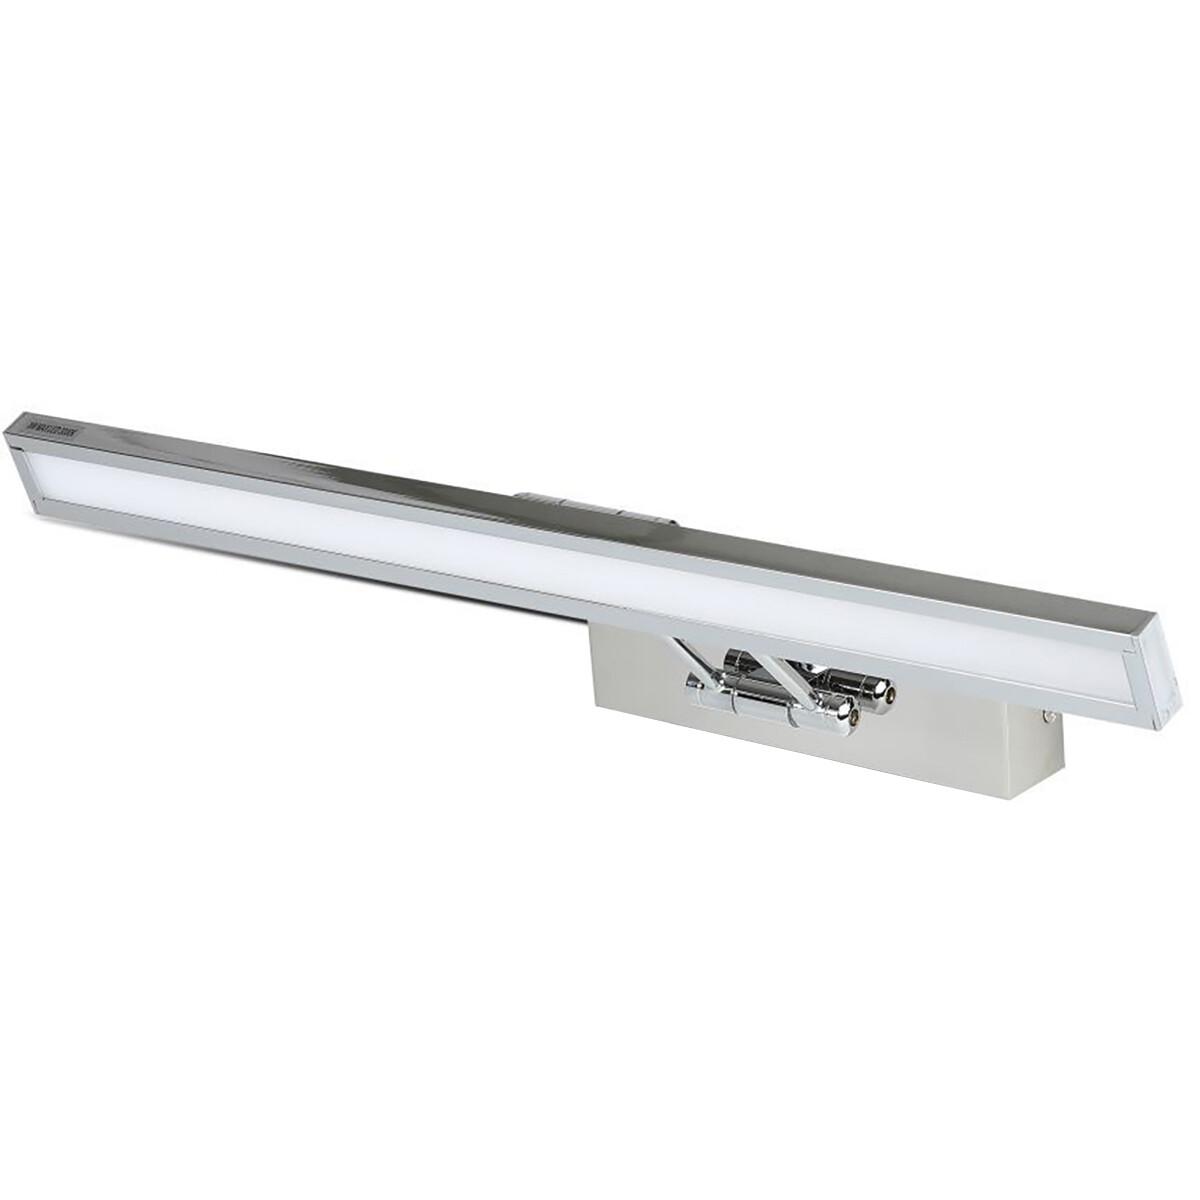 LED Spiegelverlichting - Schilderijverlichting - Viron Quala - 8W - Warm Wit 3000K - Mat Chroom - Al